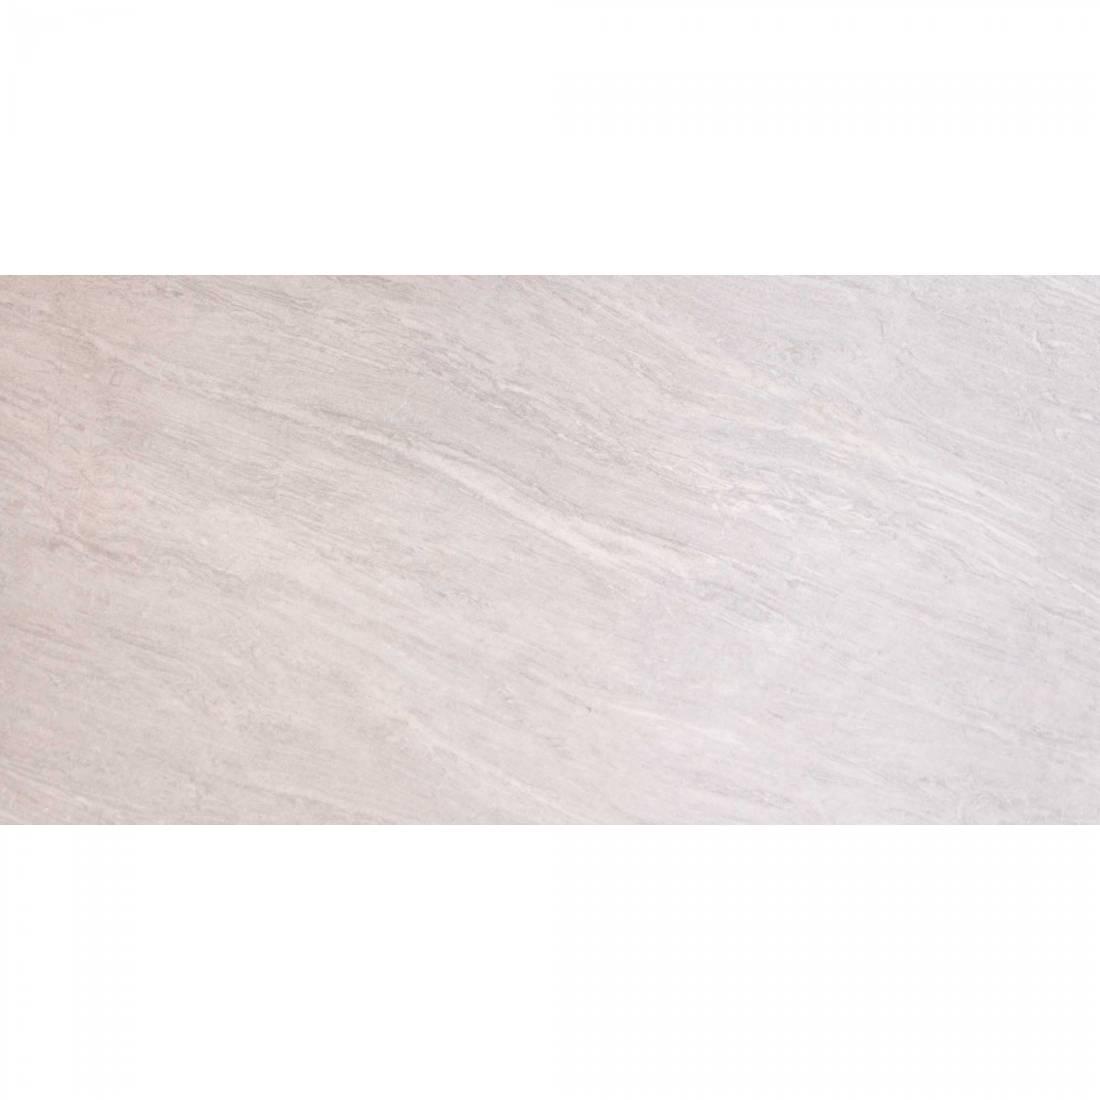 Sandstone 30x60 White Matt 1